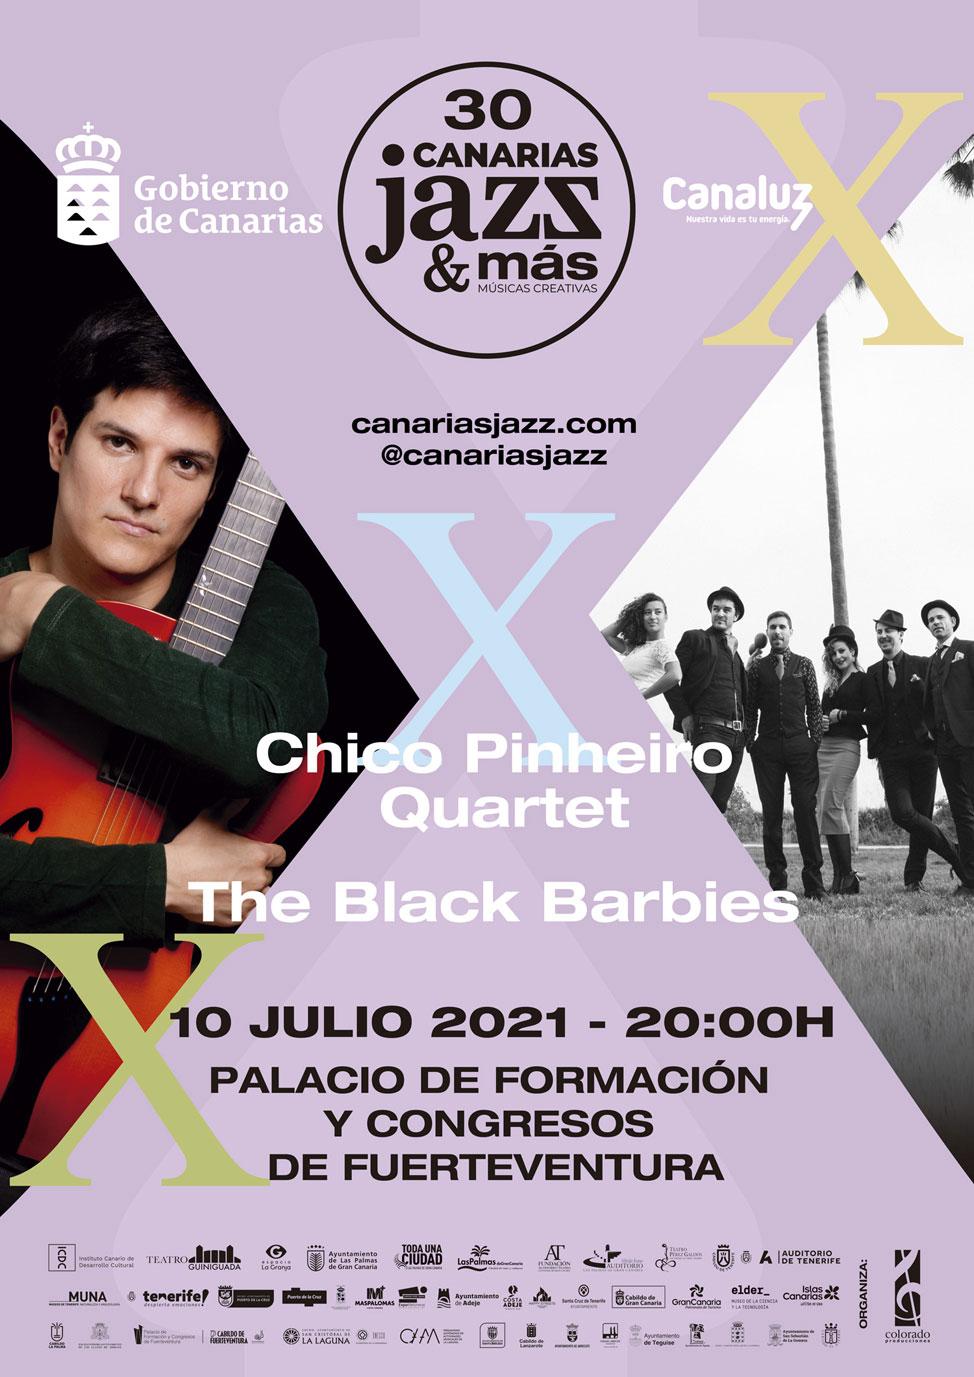 Cartel Fuerteventura del Festival Internacional Canarias Jazz & Más | Macaronesia Fuerteventura